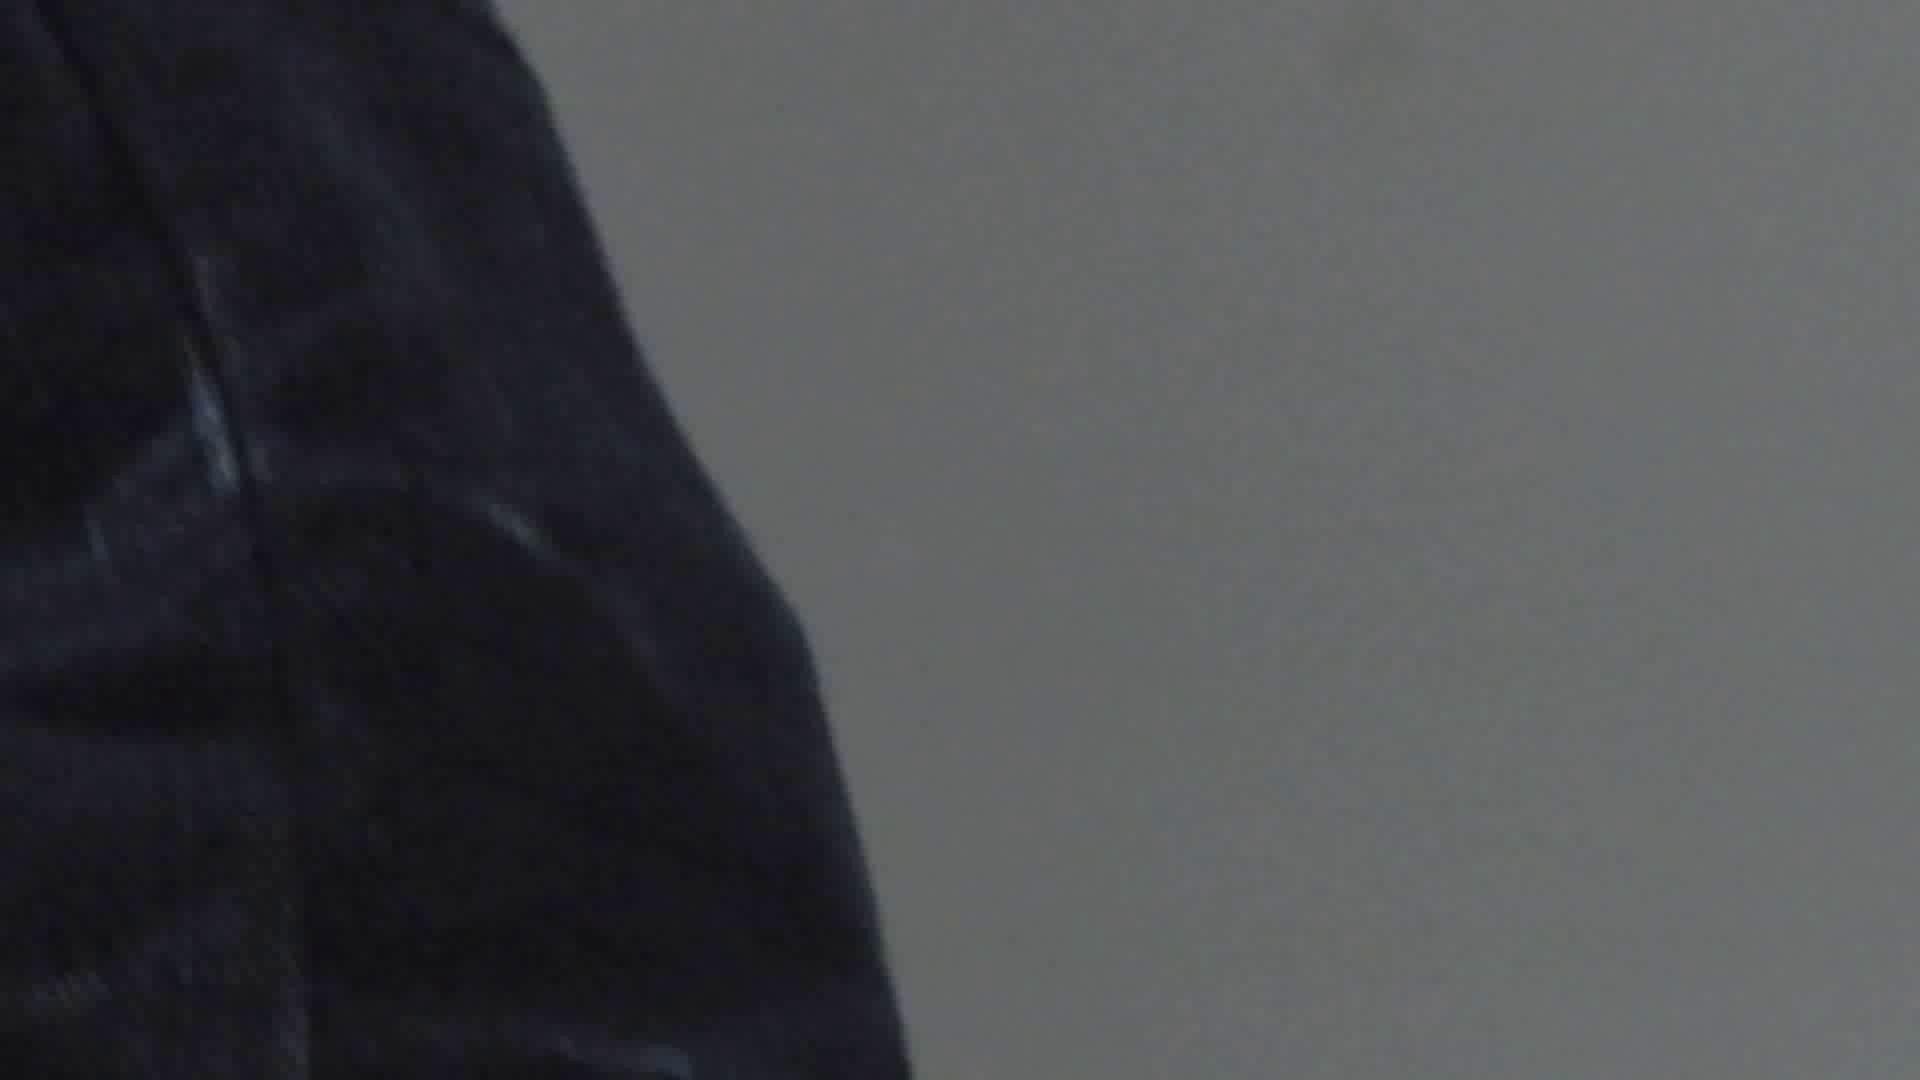 vol.25三十時間潜り、一つしか出会えない完璧桃尻編 byお銀 美人  84PIX 21